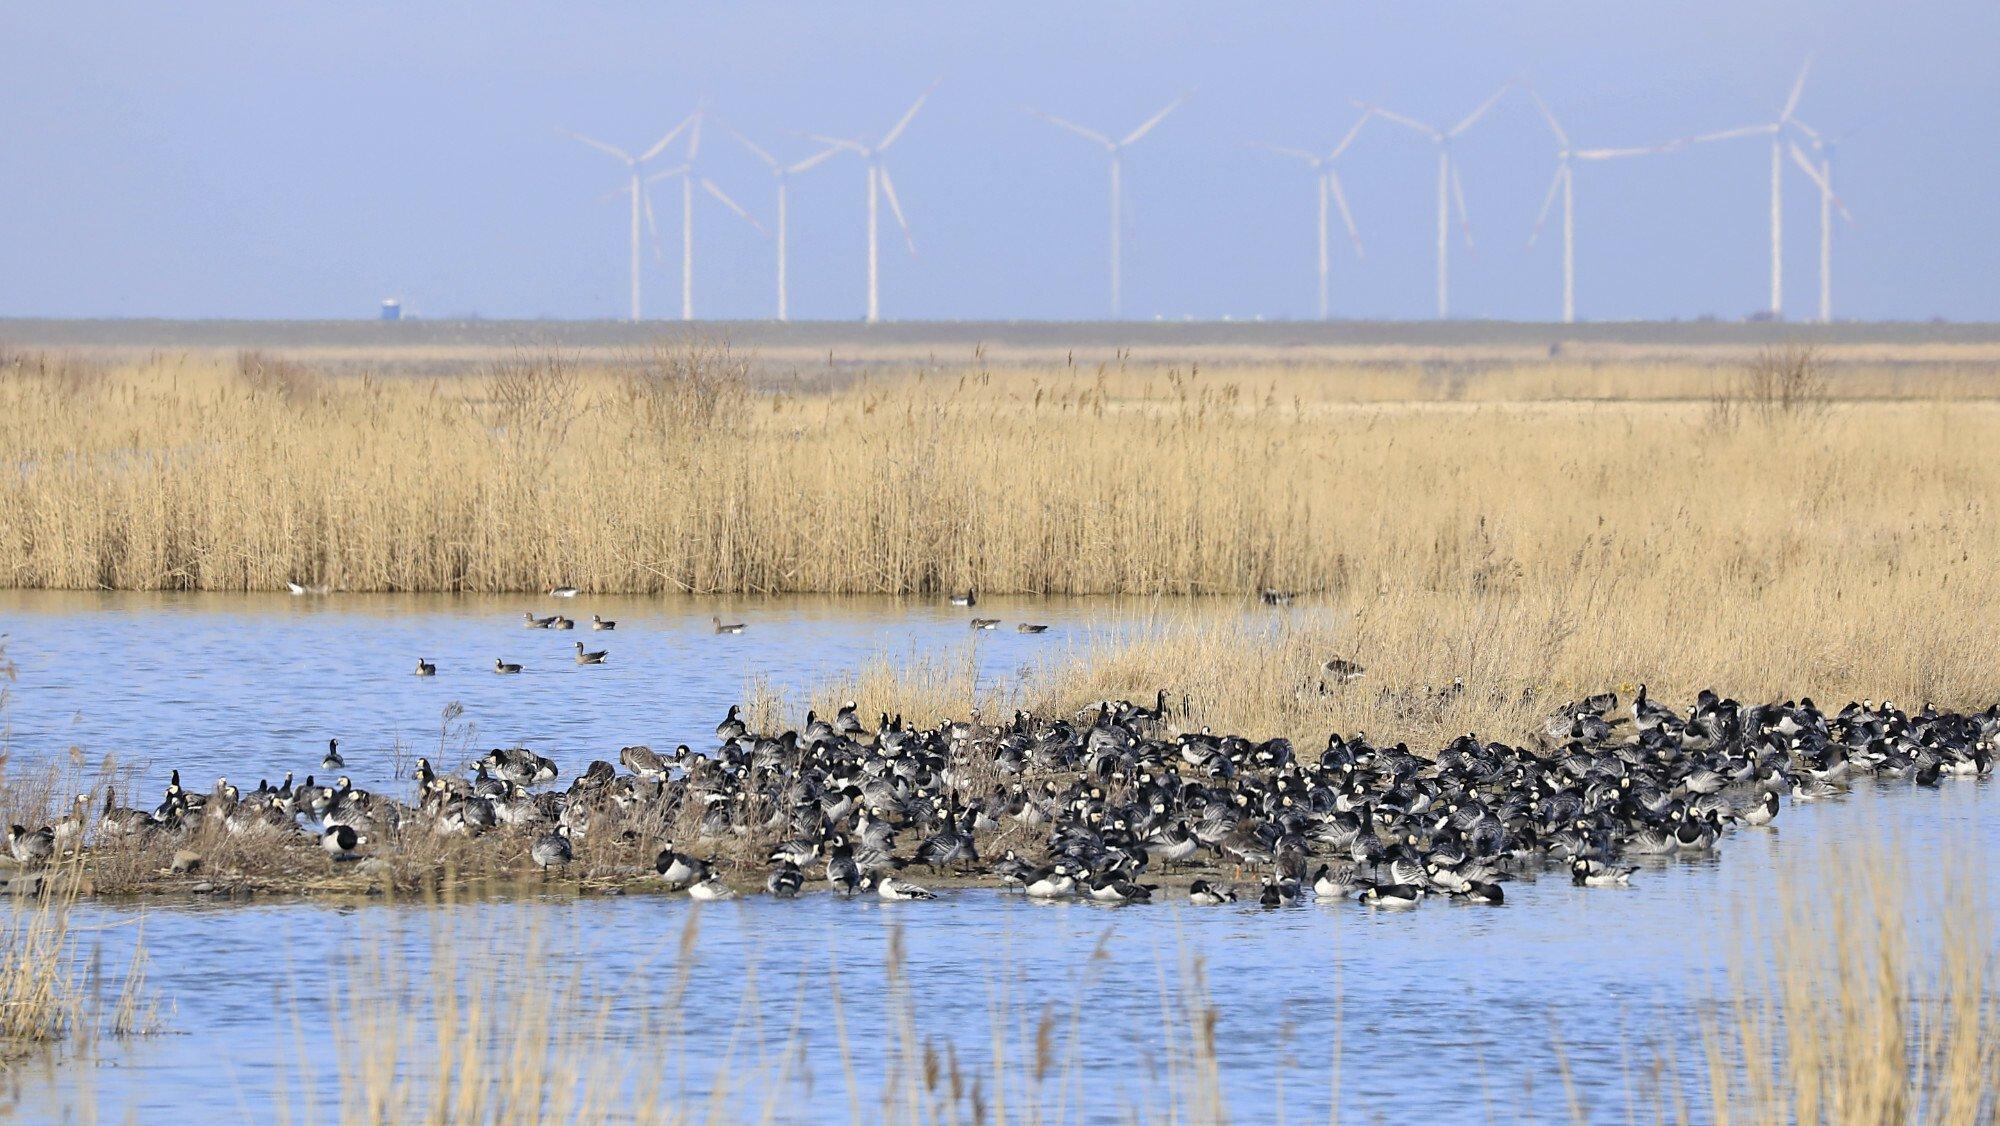 Eine Gruppe von Gänsen sitzt auf einer Landzunge, umgeben von Wasser. Im Hintergrund steht Riet vor einer Reihe von Windrädern am Horizont.